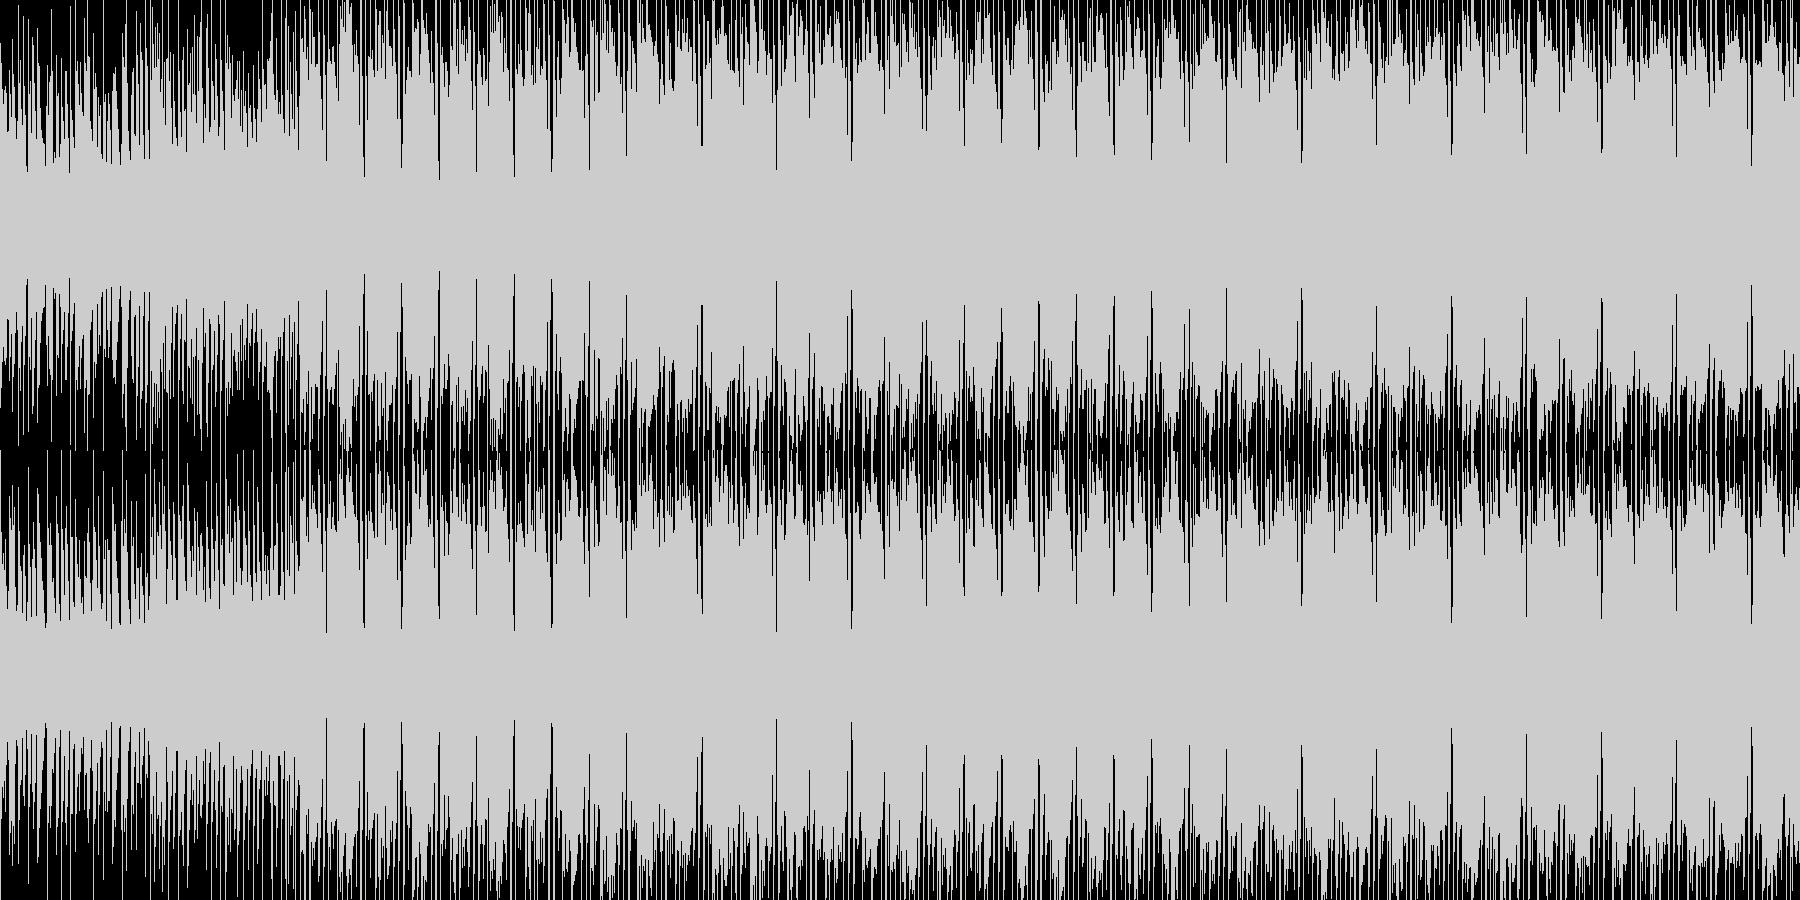 洋楽、無機質なElectronicの未再生の波形